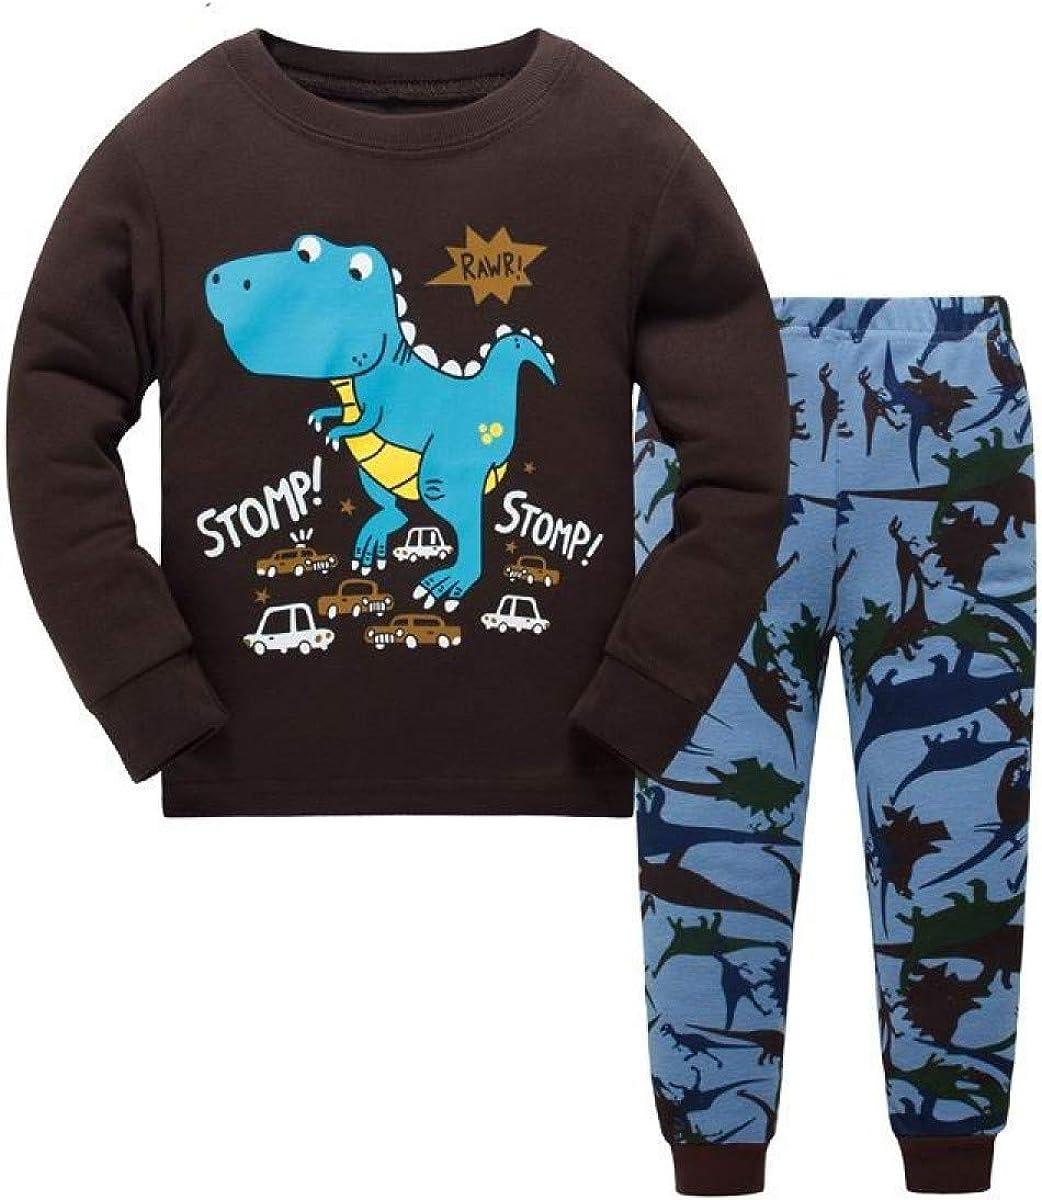 Cartoon Dinosaur Boy Pyjamas Suits Autumn Spring Night Suit Cotton Childrens Pajamas Sleepwear Kids Nightwear